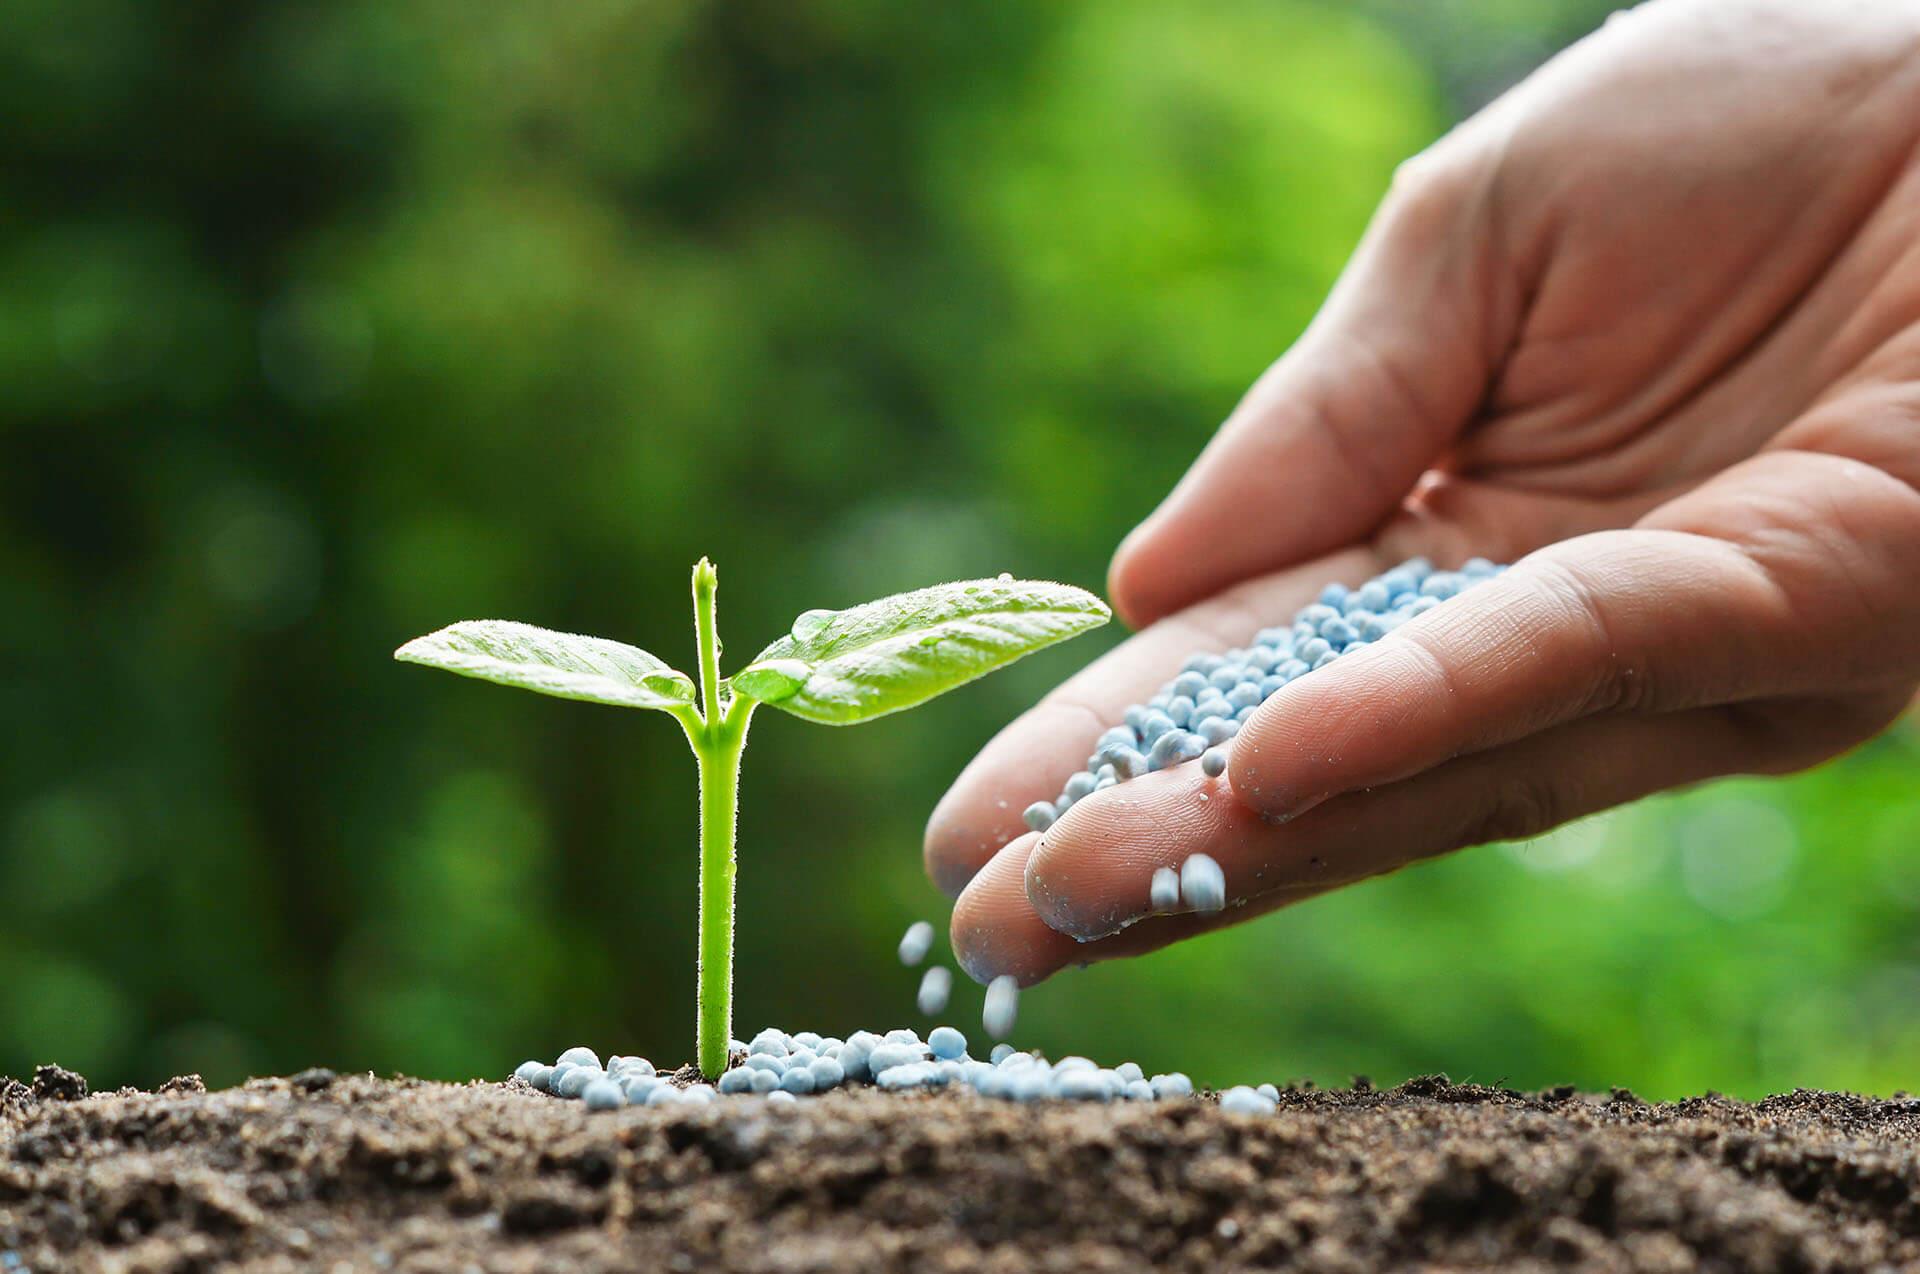 Bitkilerin beslenme ve büyümeleri için gerekli olan besinleri katı yada sıvı normlarda barındıran maddelere gübre denilir.